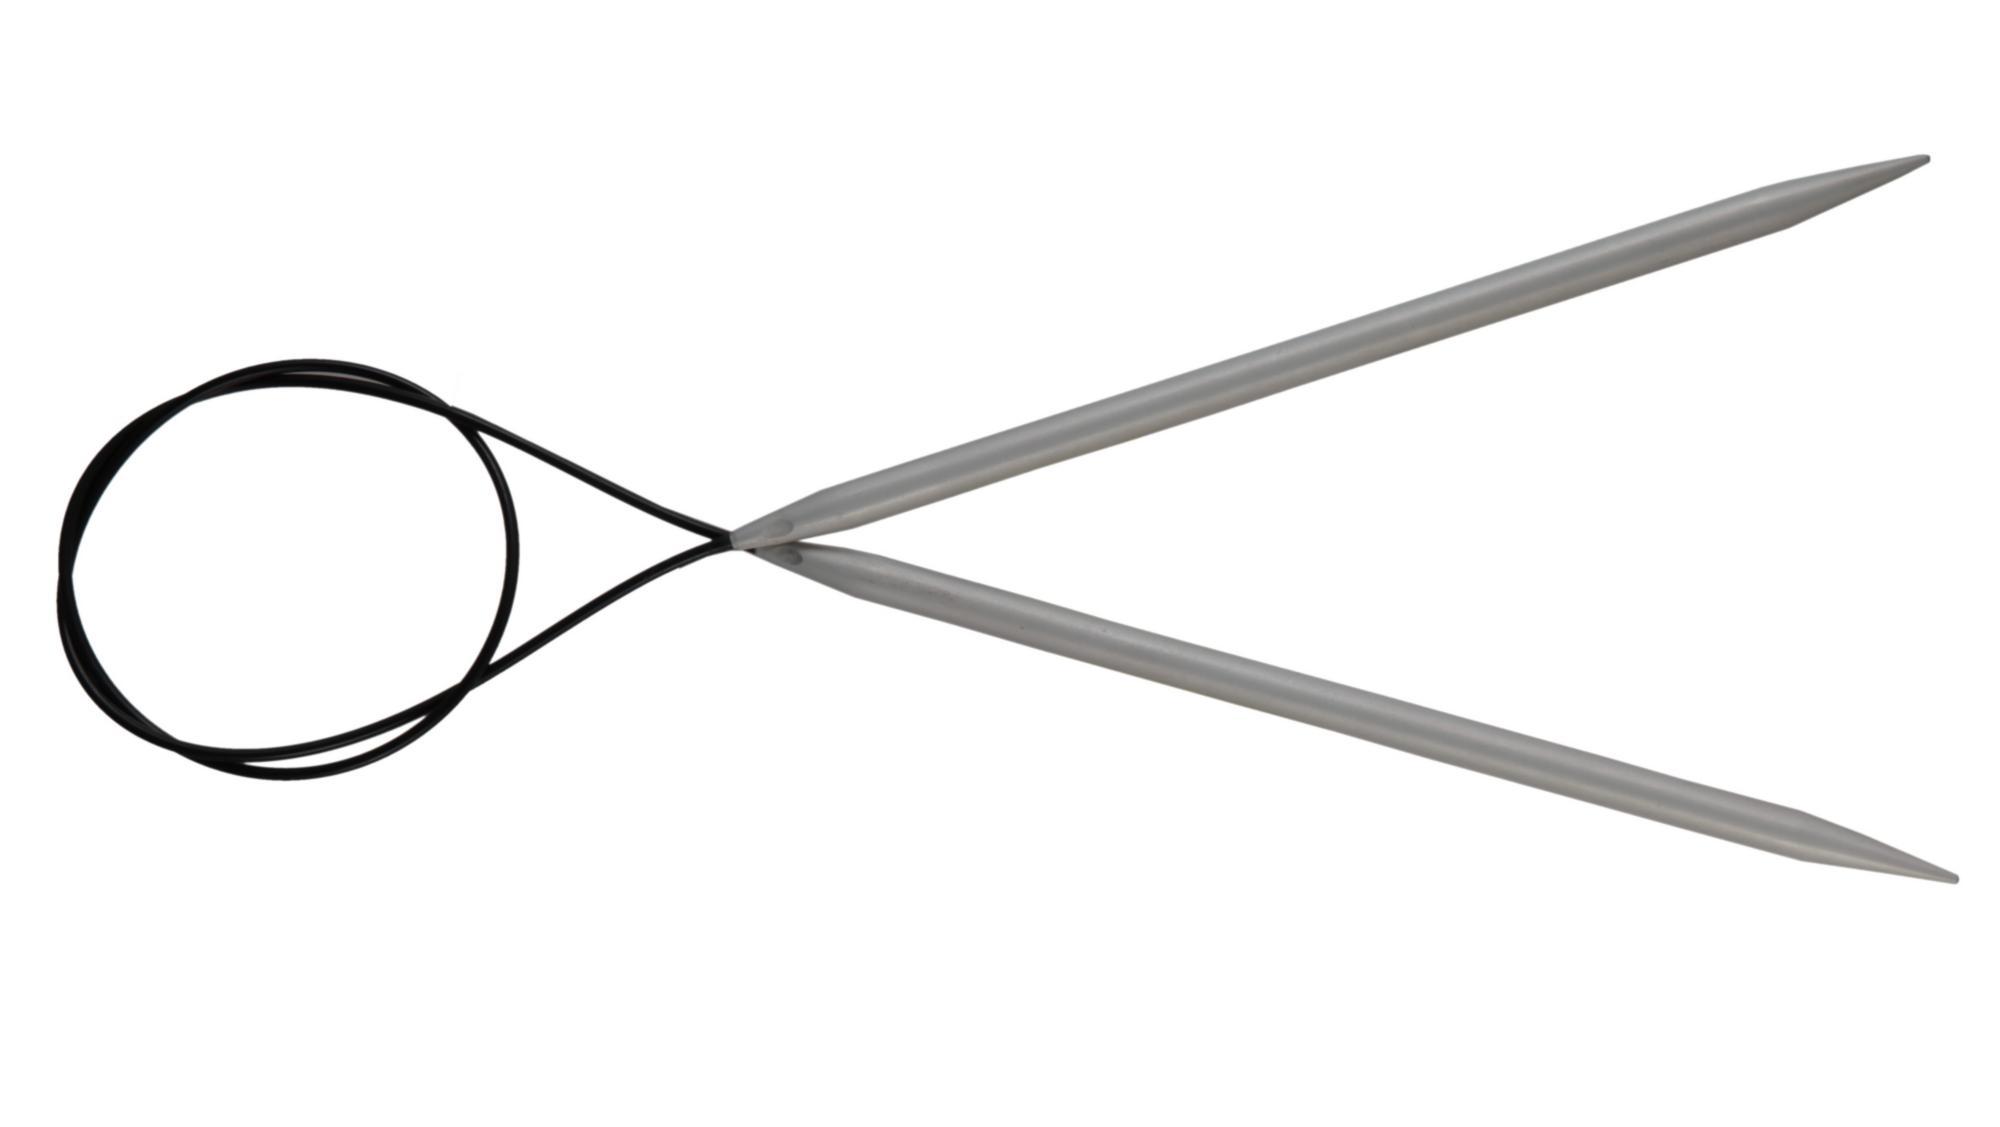 Спицы круговые 150 см Basix Aluminium KnitPro, 45364, 3.50 мм